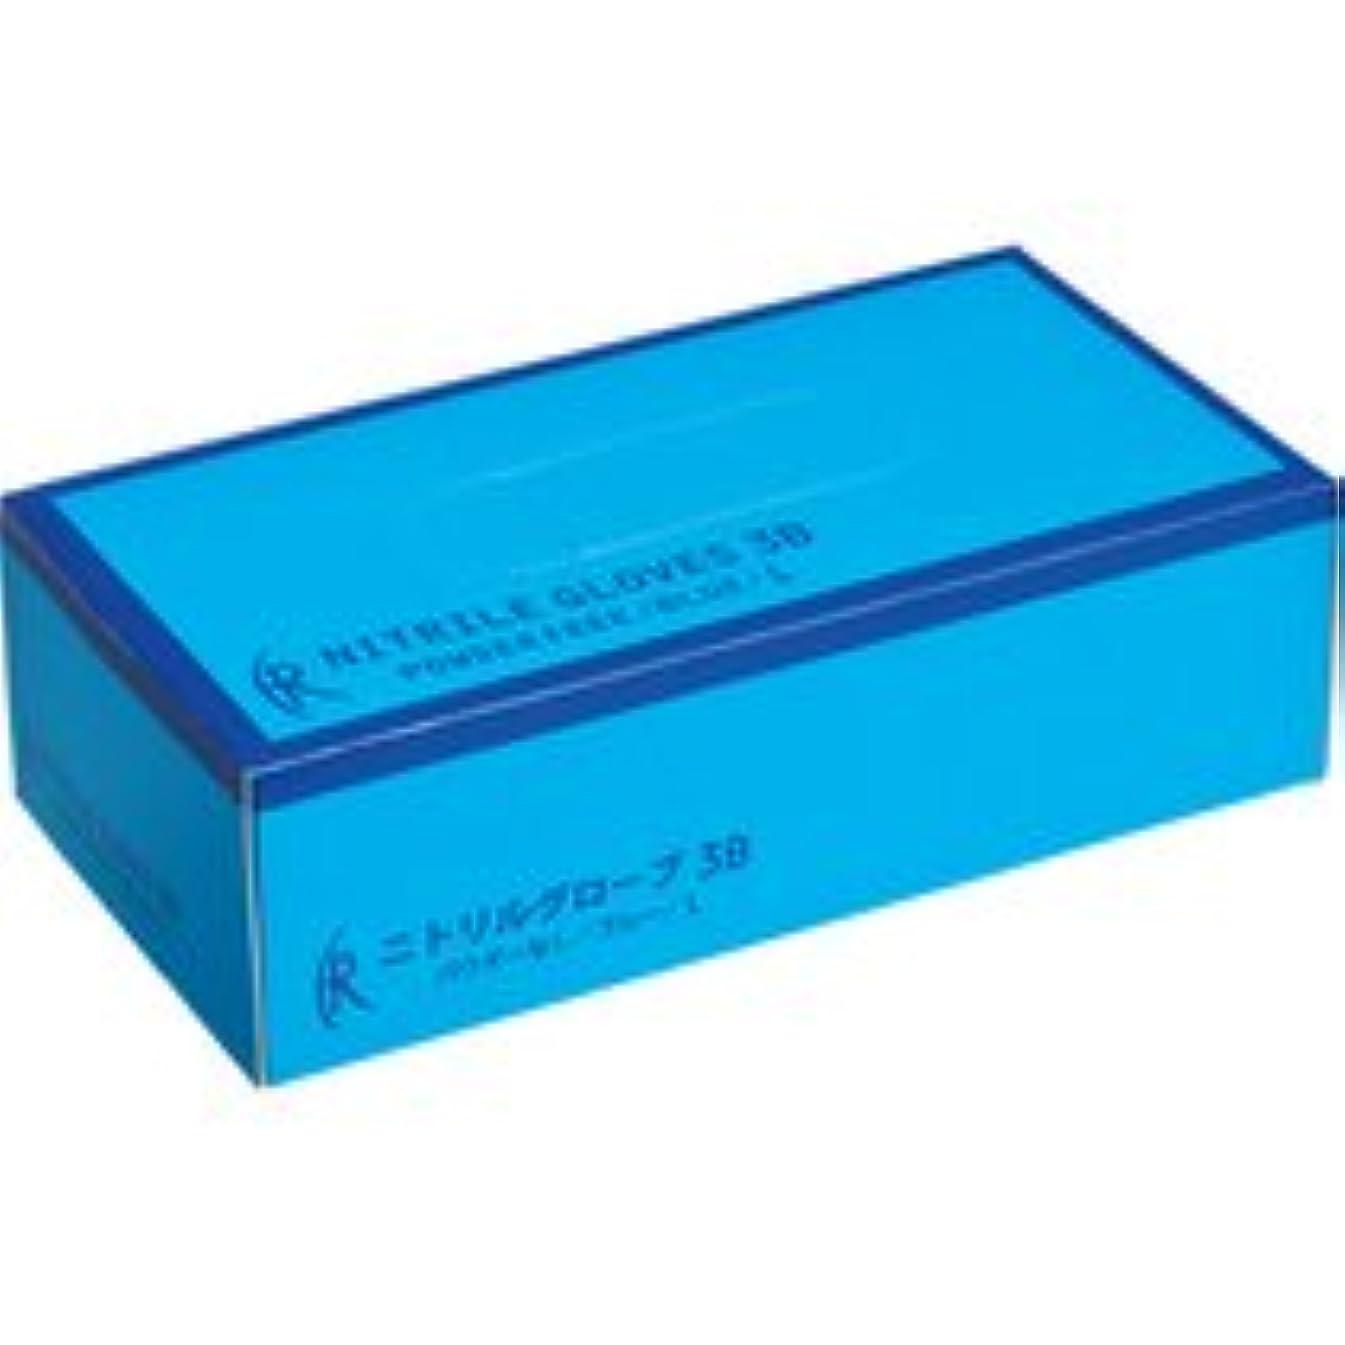 追い払う枯渇怪しいファーストレイト ニトリルグローブ3B パウダーフリー L FR-5663 1箱(200枚)